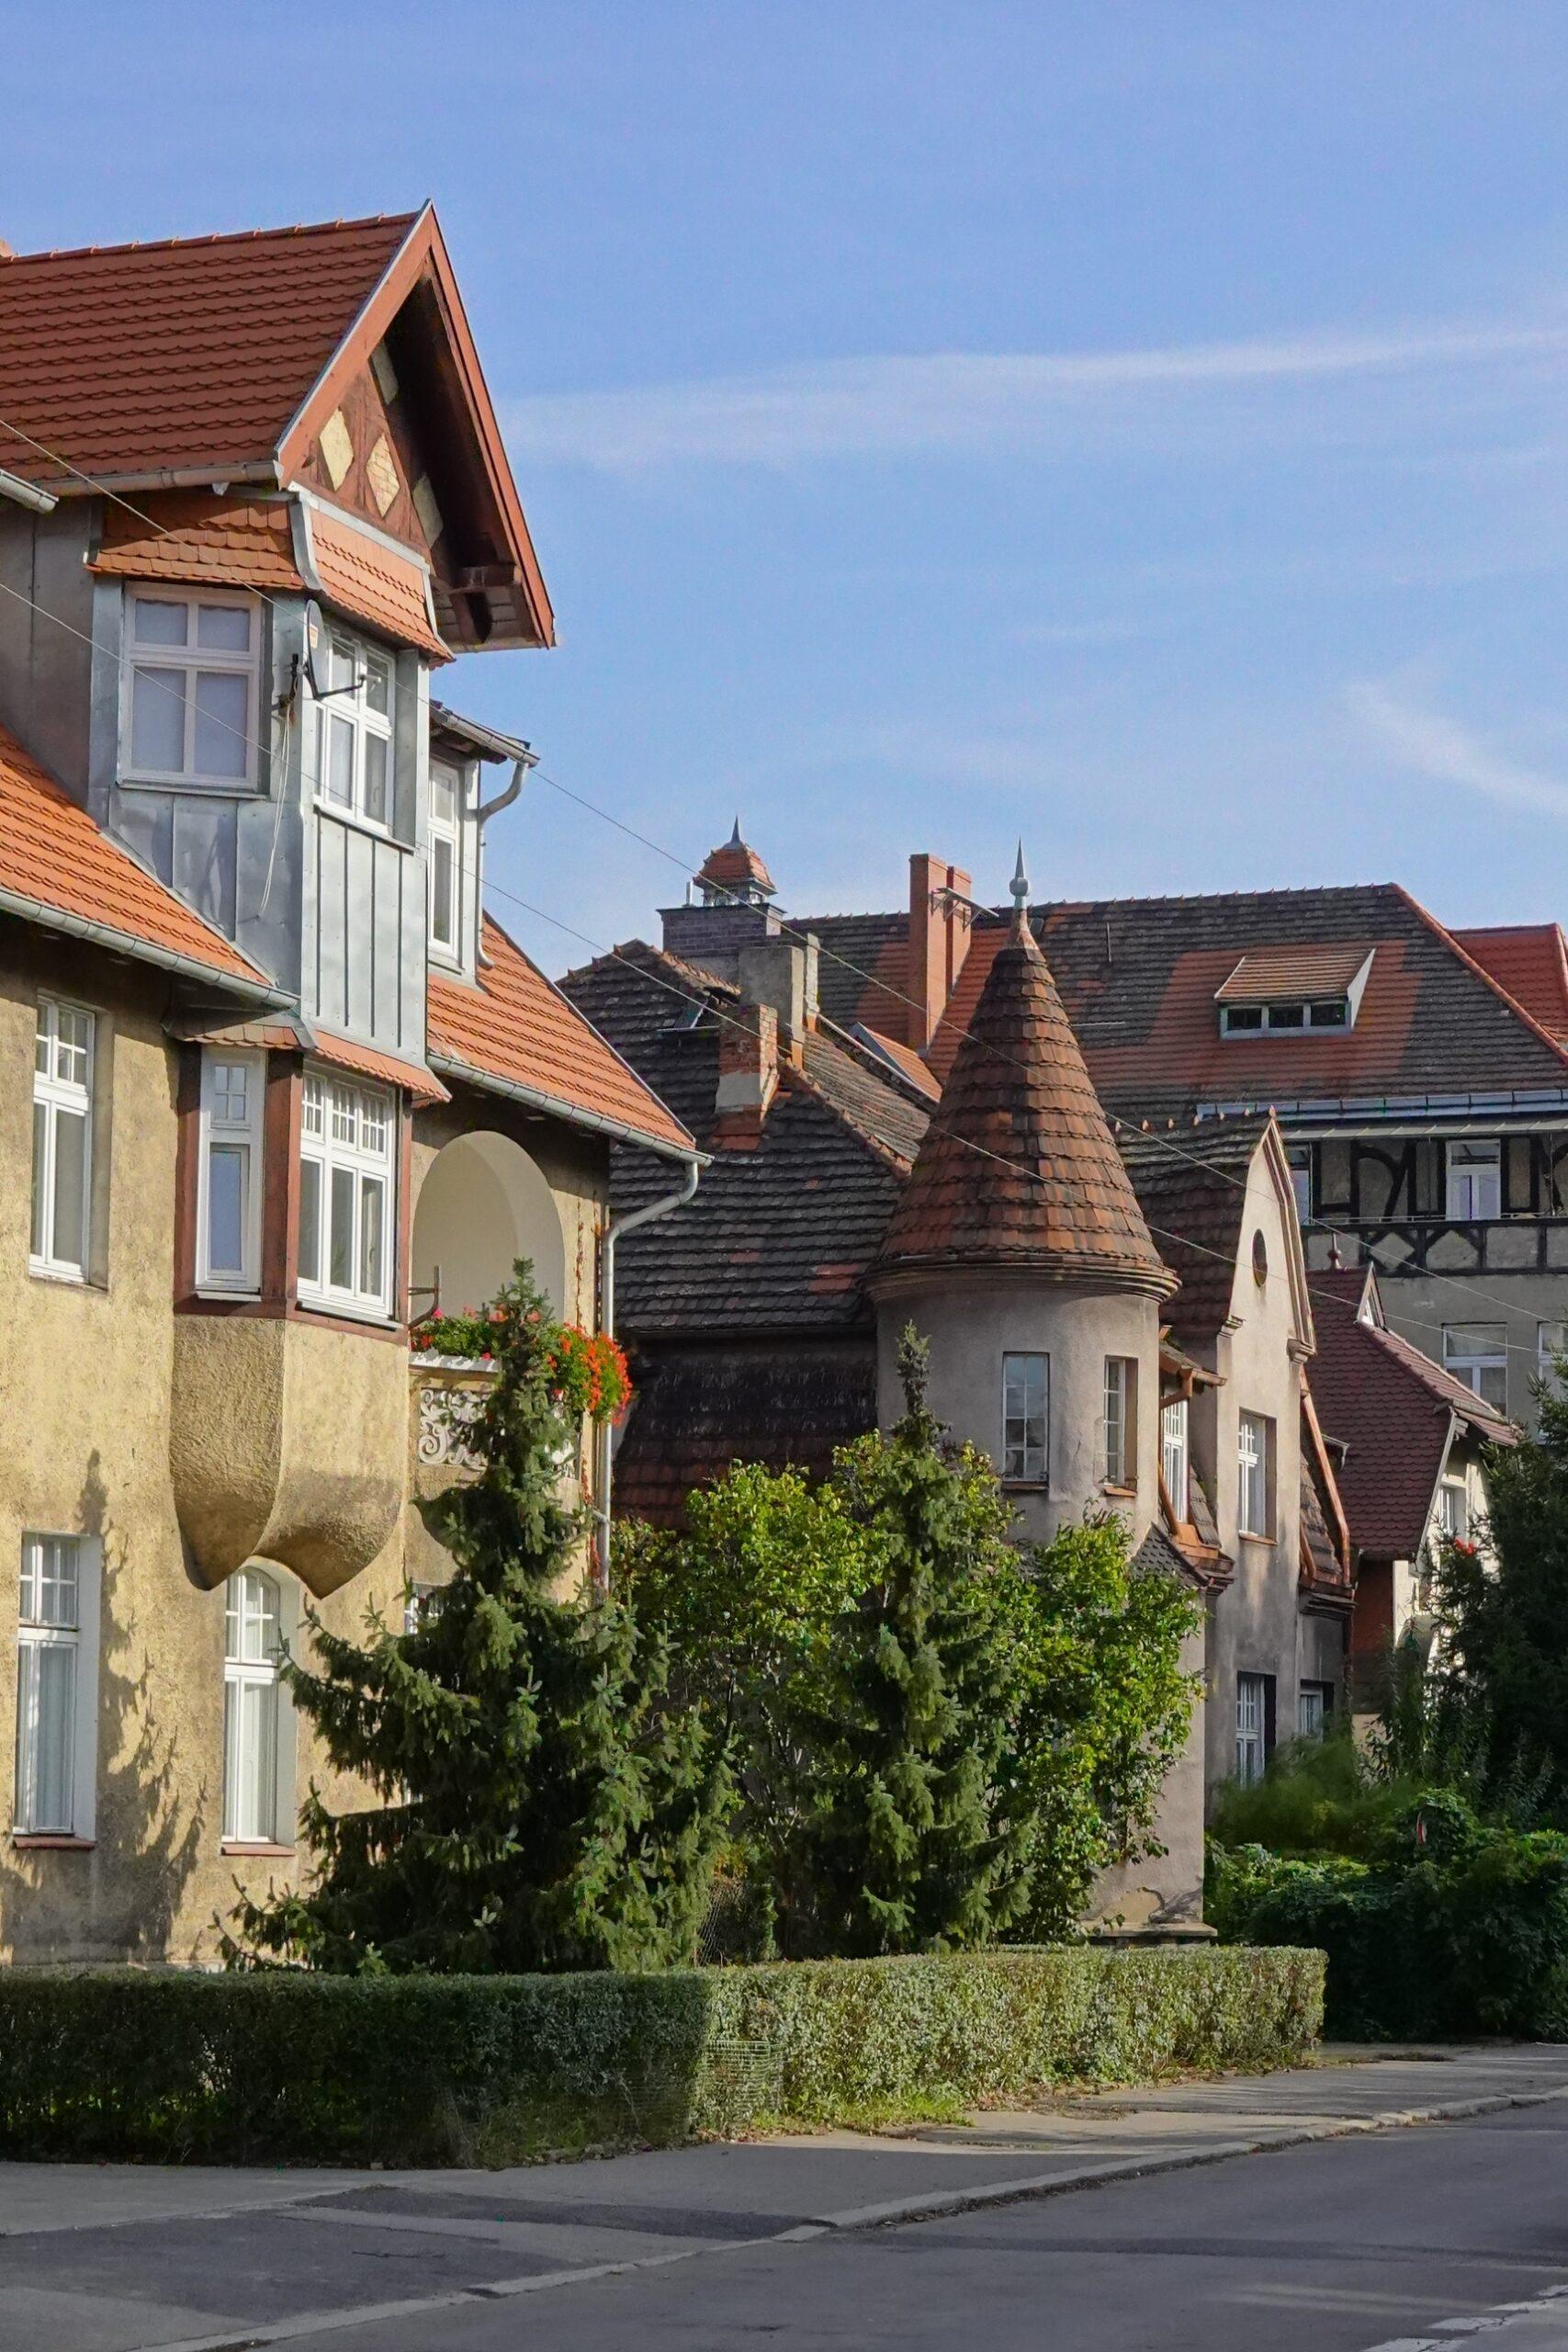 secesyjne wille wzdłuż ulicy, fantazyjne kształty, czerwone dachy, zieleń ogrodów